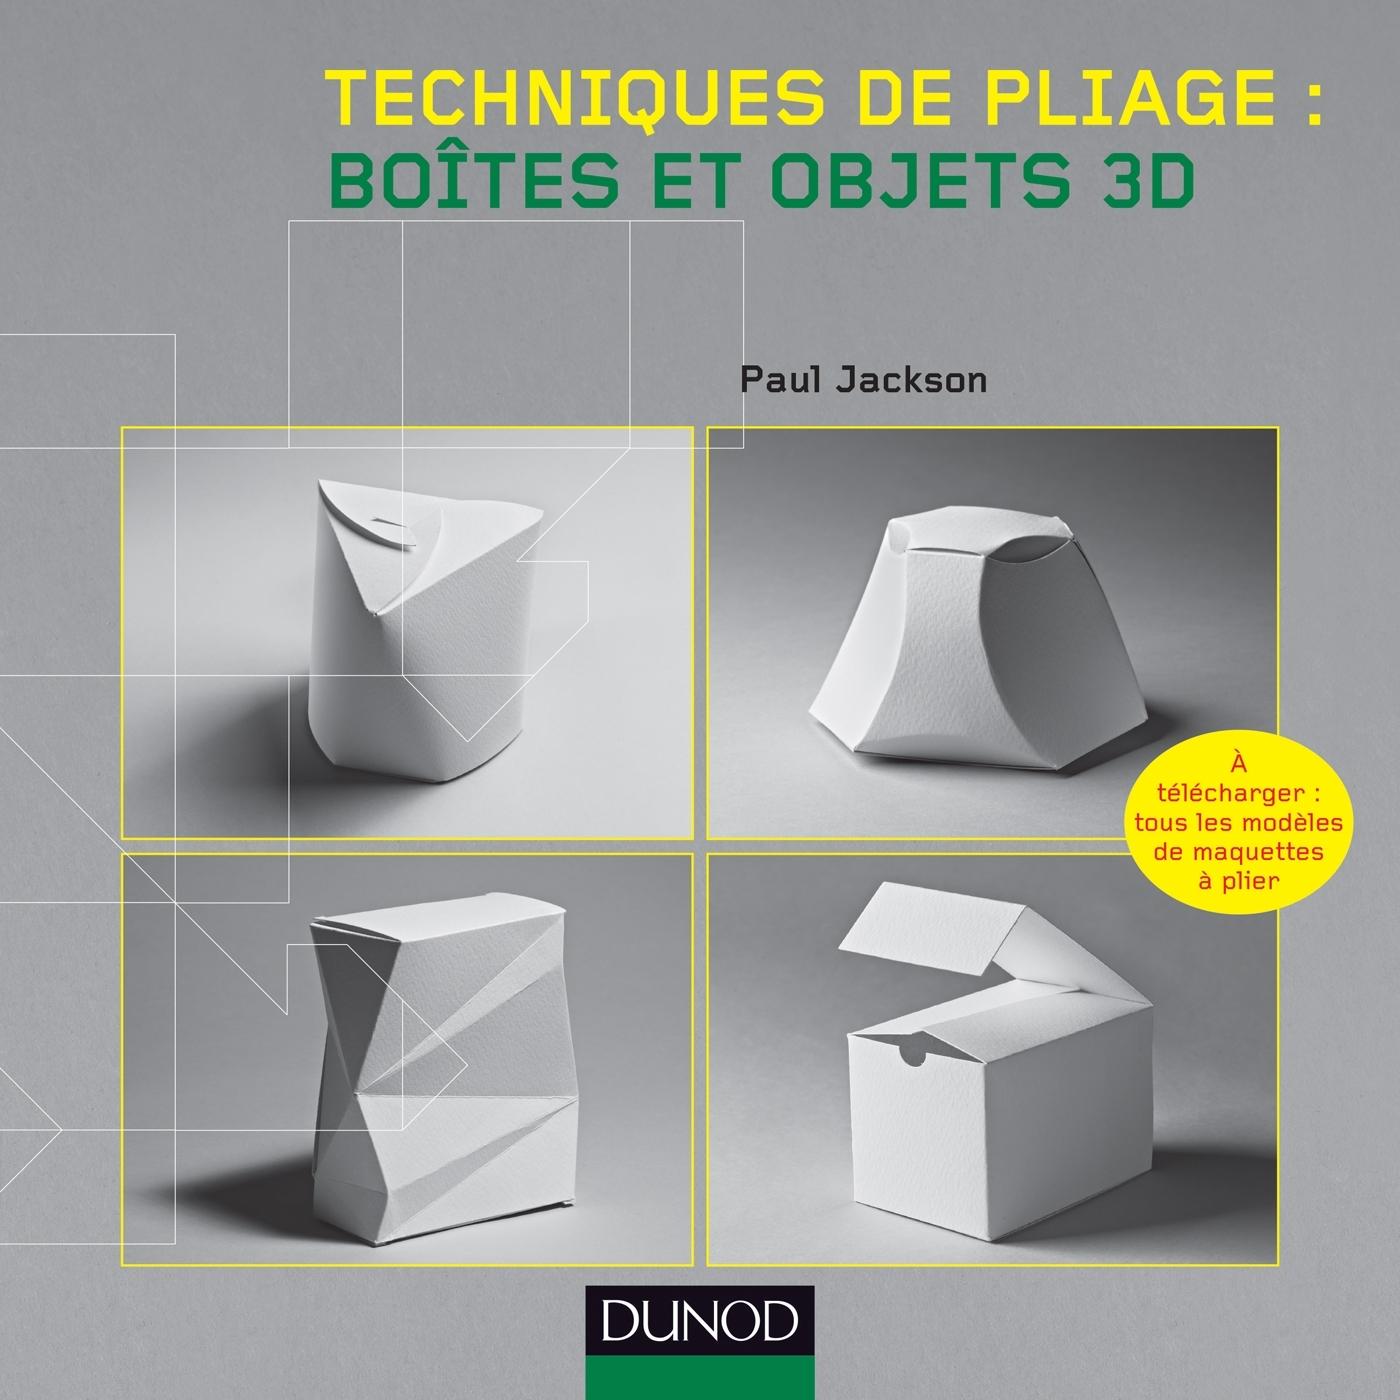 TECHNIQUES DE PLIAGE : BOITES ET OBJETS 3D